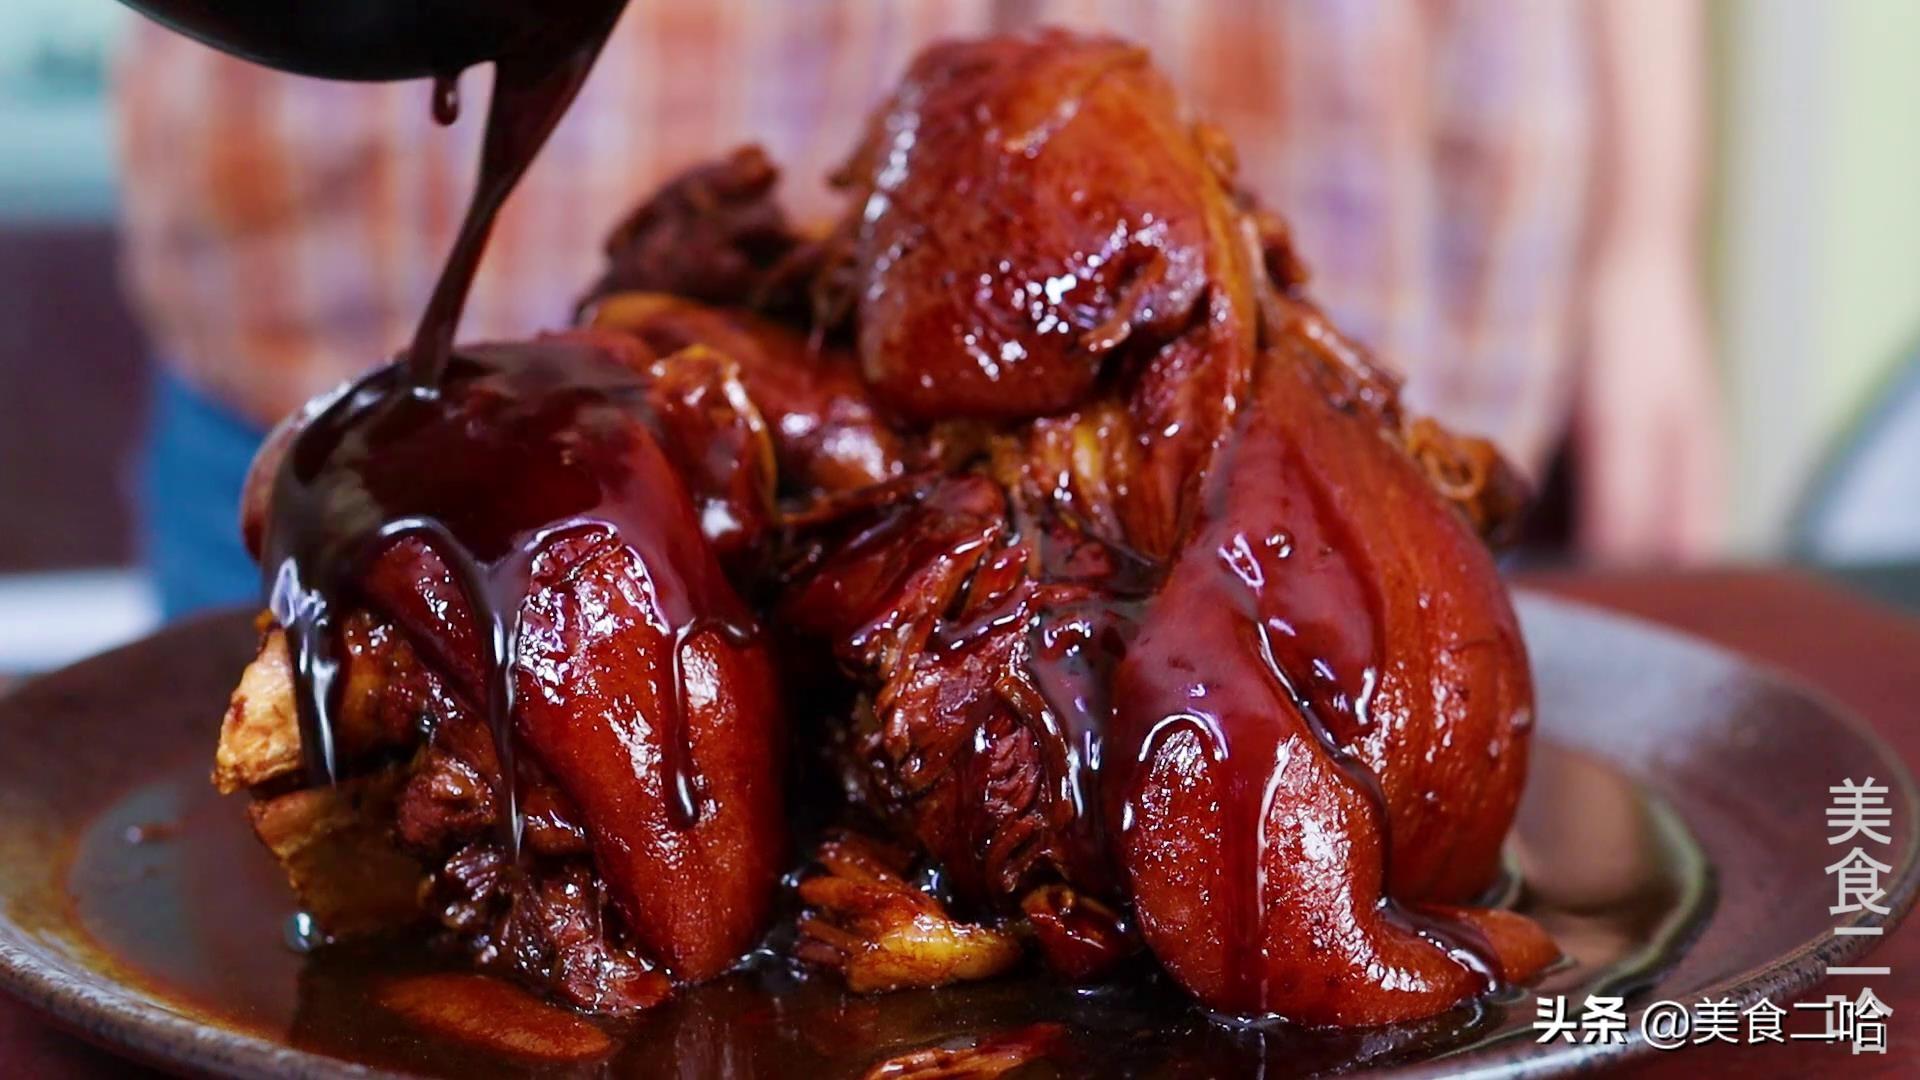 """学会这道""""冰糖肘子"""":软烂入味,肥而不腻,招待客人倍有面儿 美食做法 第12张"""